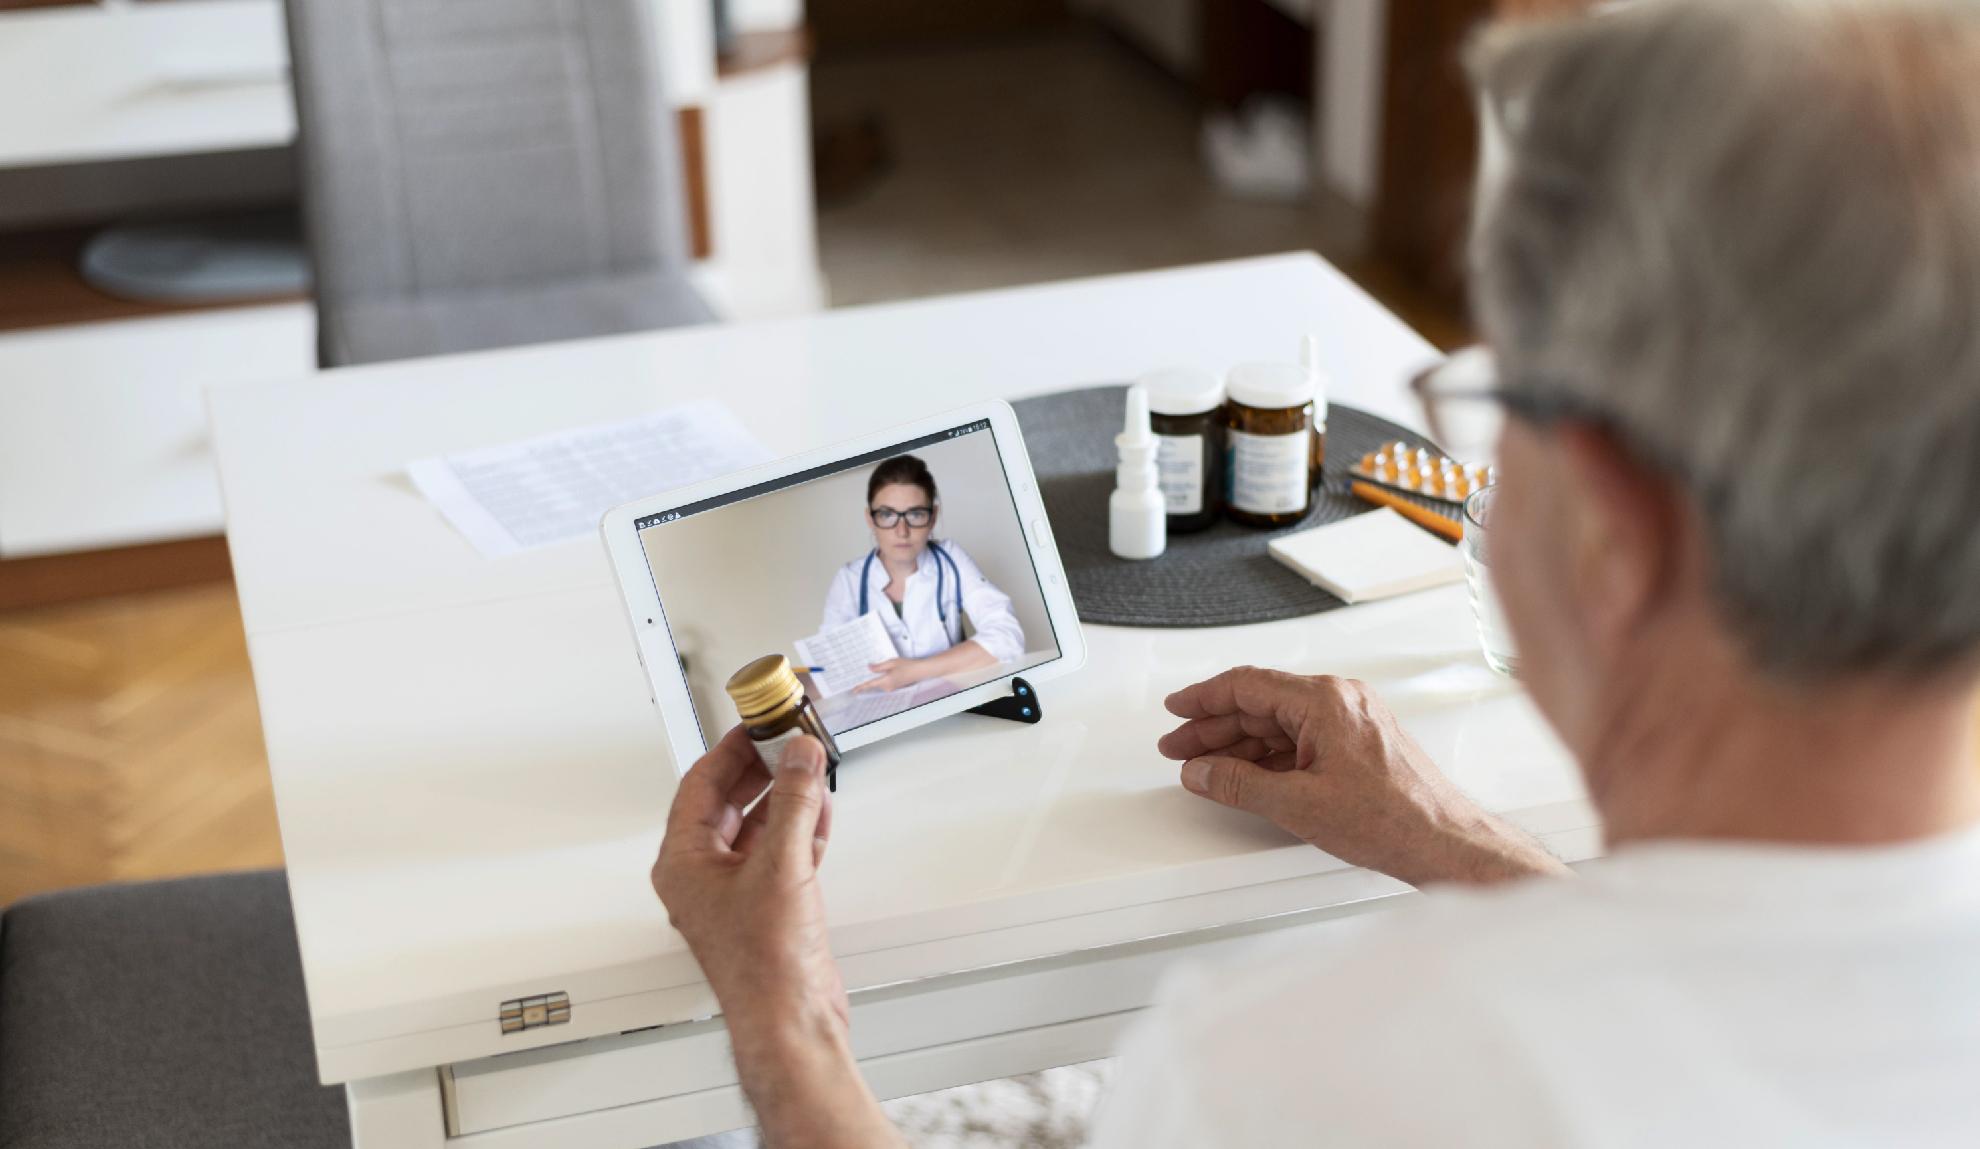 La telemedicina permite ahorrar tiempo y dinero